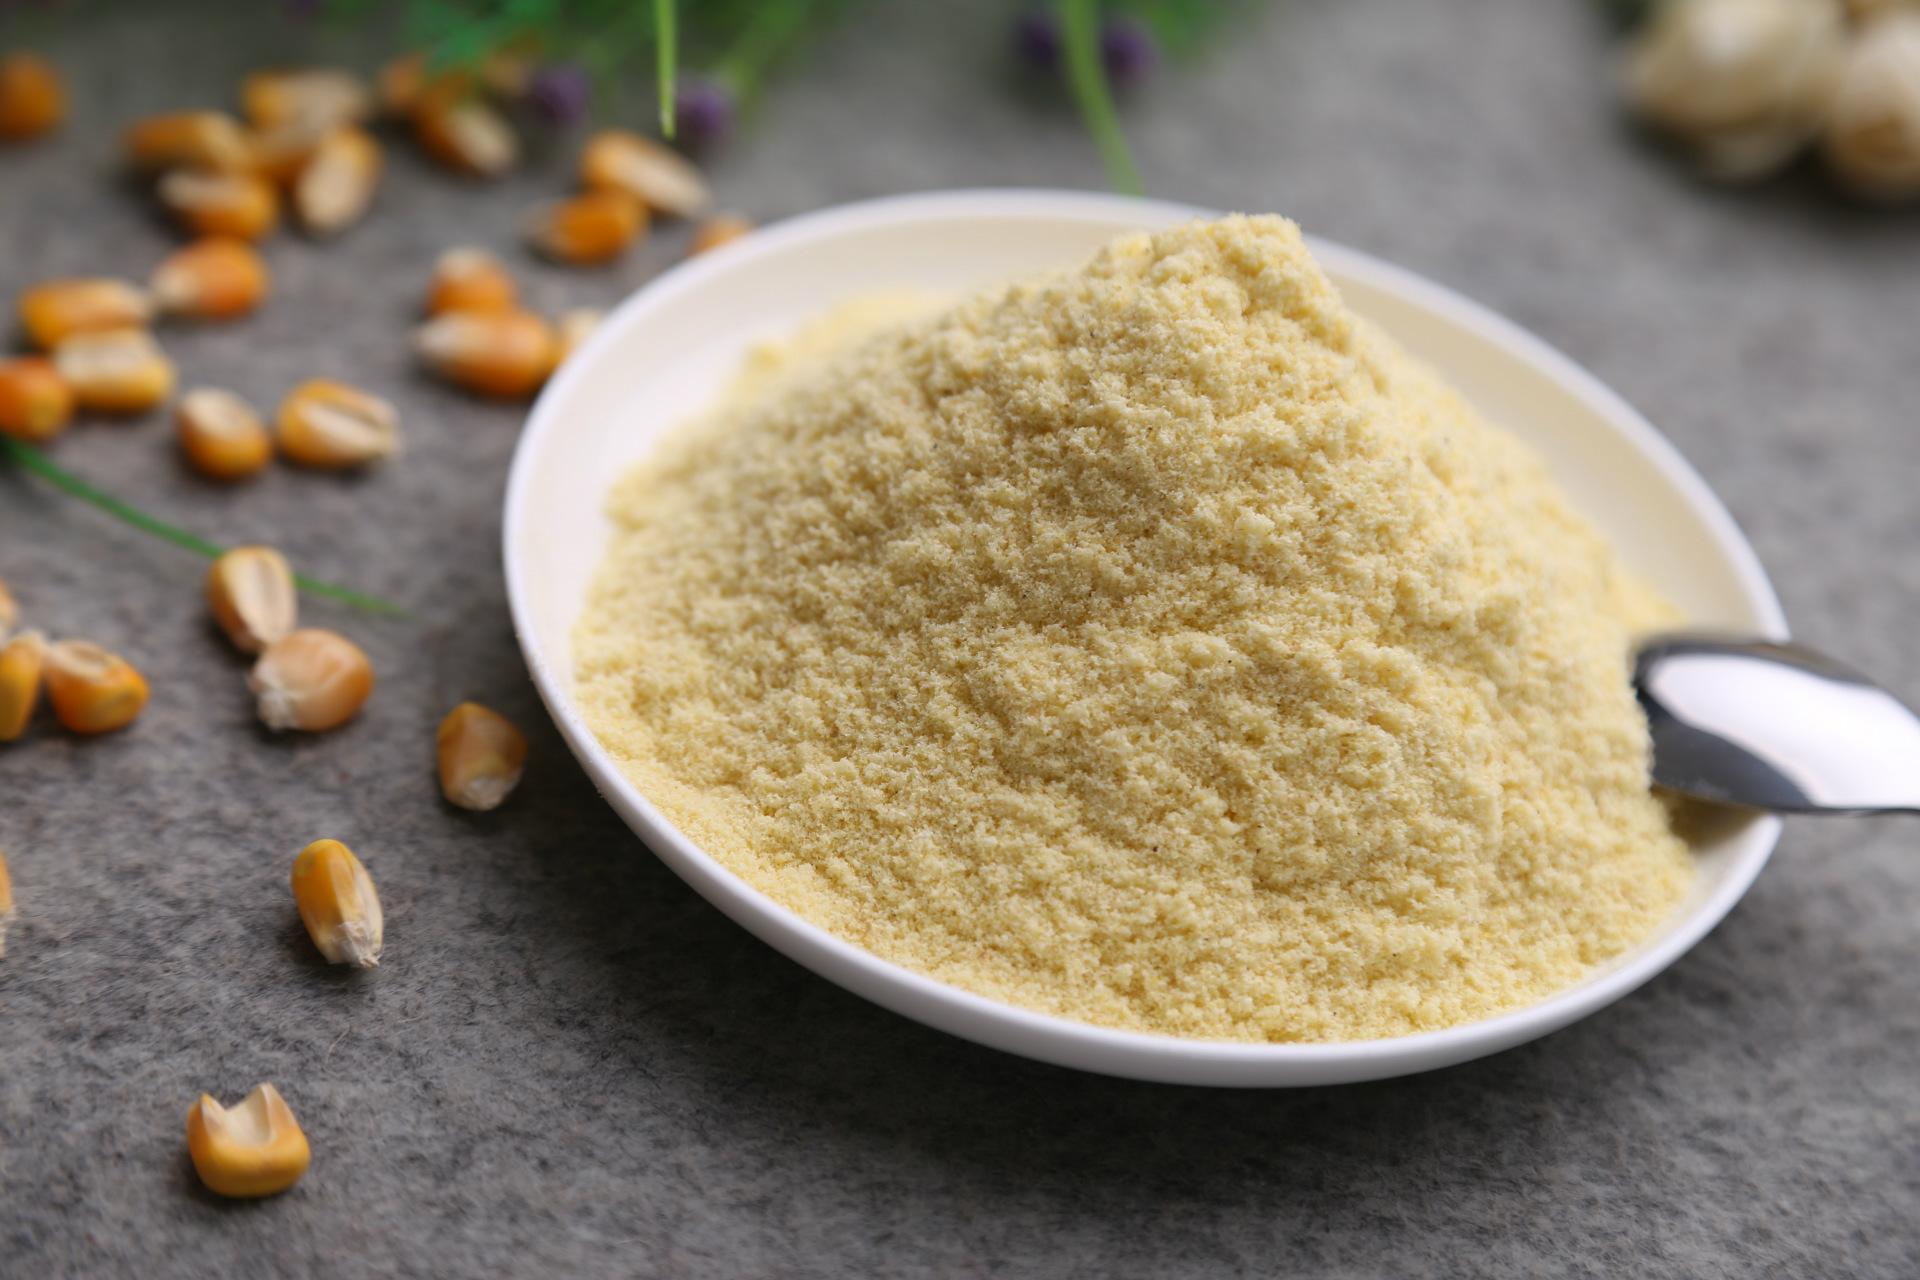 Nguyên liệu sản xuất thức ăn chăn nuôi Nhà máy bán trực tiếp nguyên liệu thức ăn chất lượng cao, bột